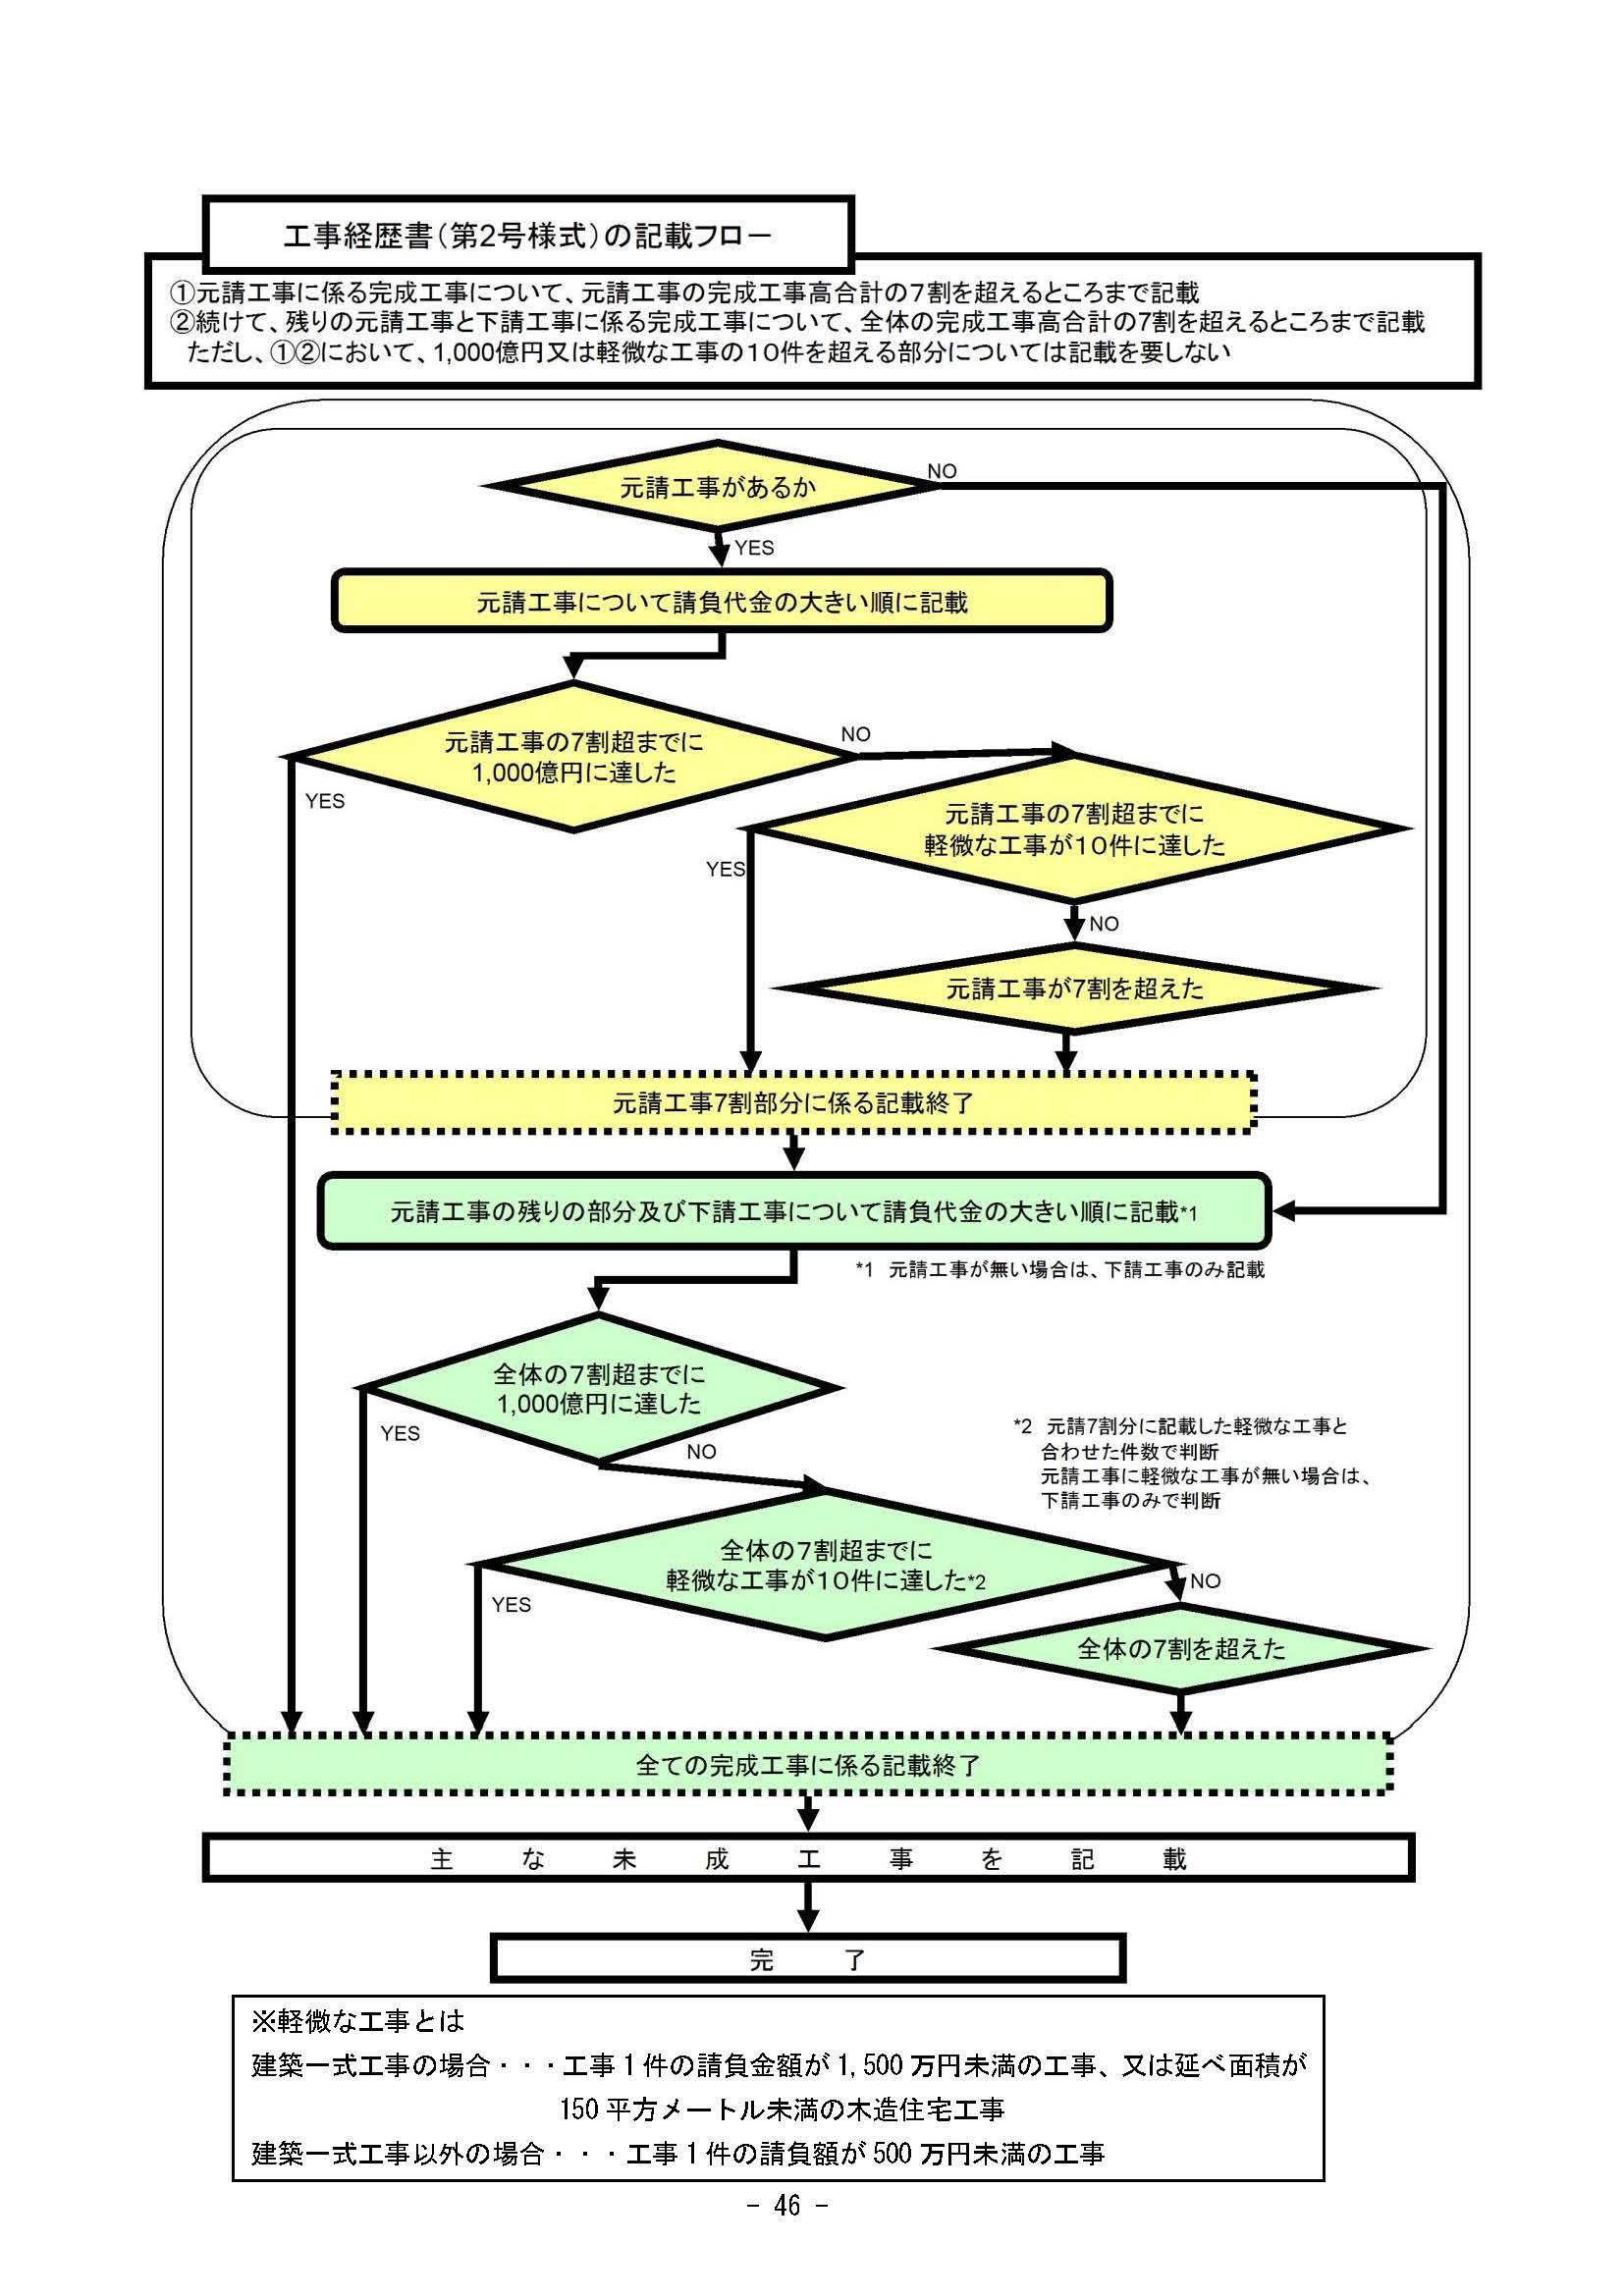 記載すべき工事経歴書の順序